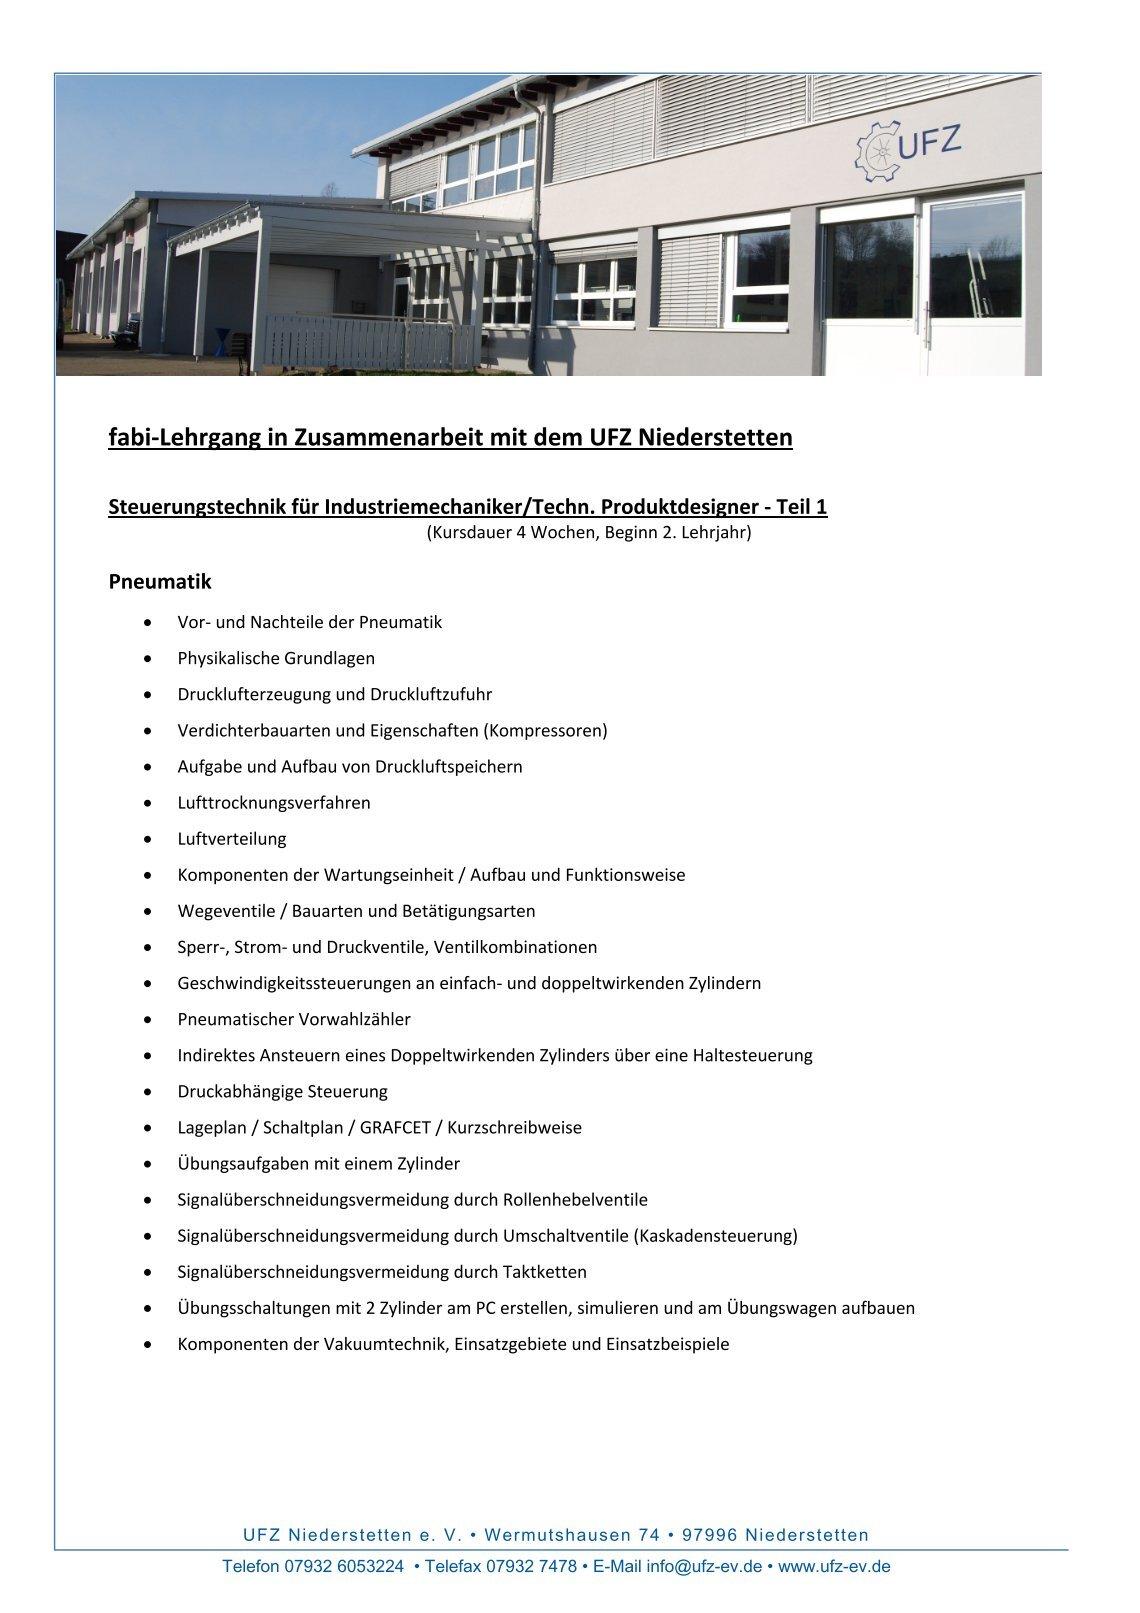 Wunderbar Gm 4 Draht Lichtmaschine Schaltplan Ideen - Der Schaltplan ...